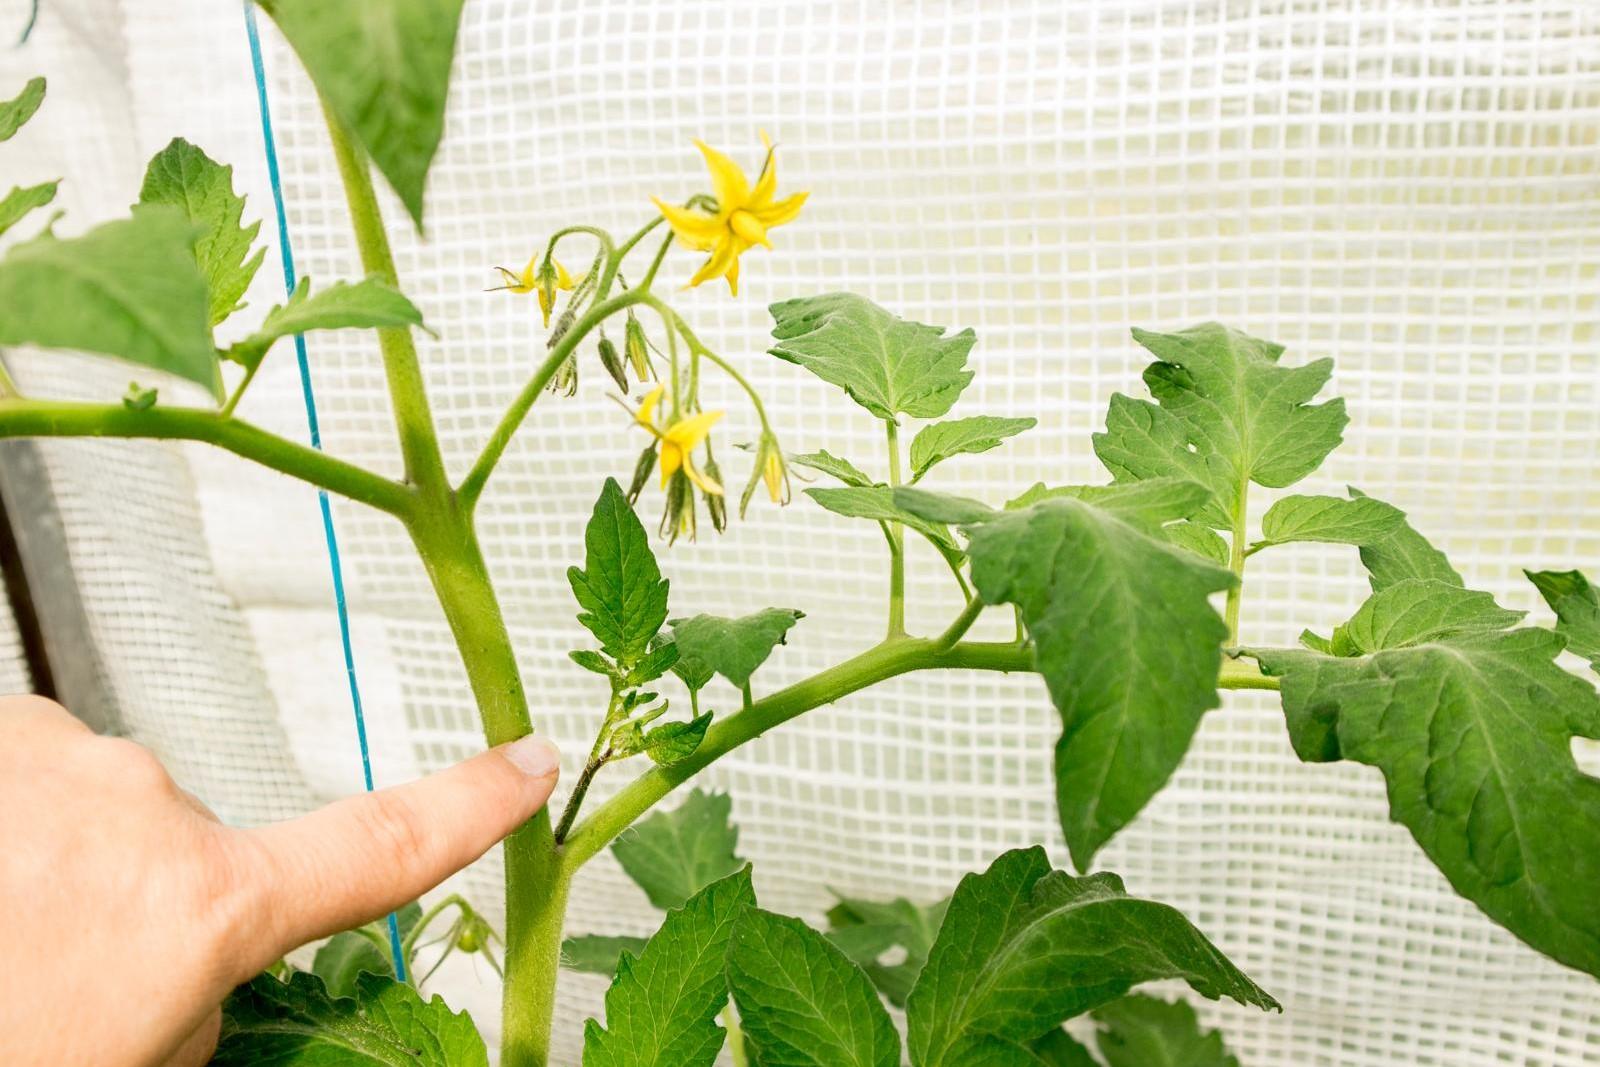 Tomaten ausgeizen: So entfernt man die Blätter richtig